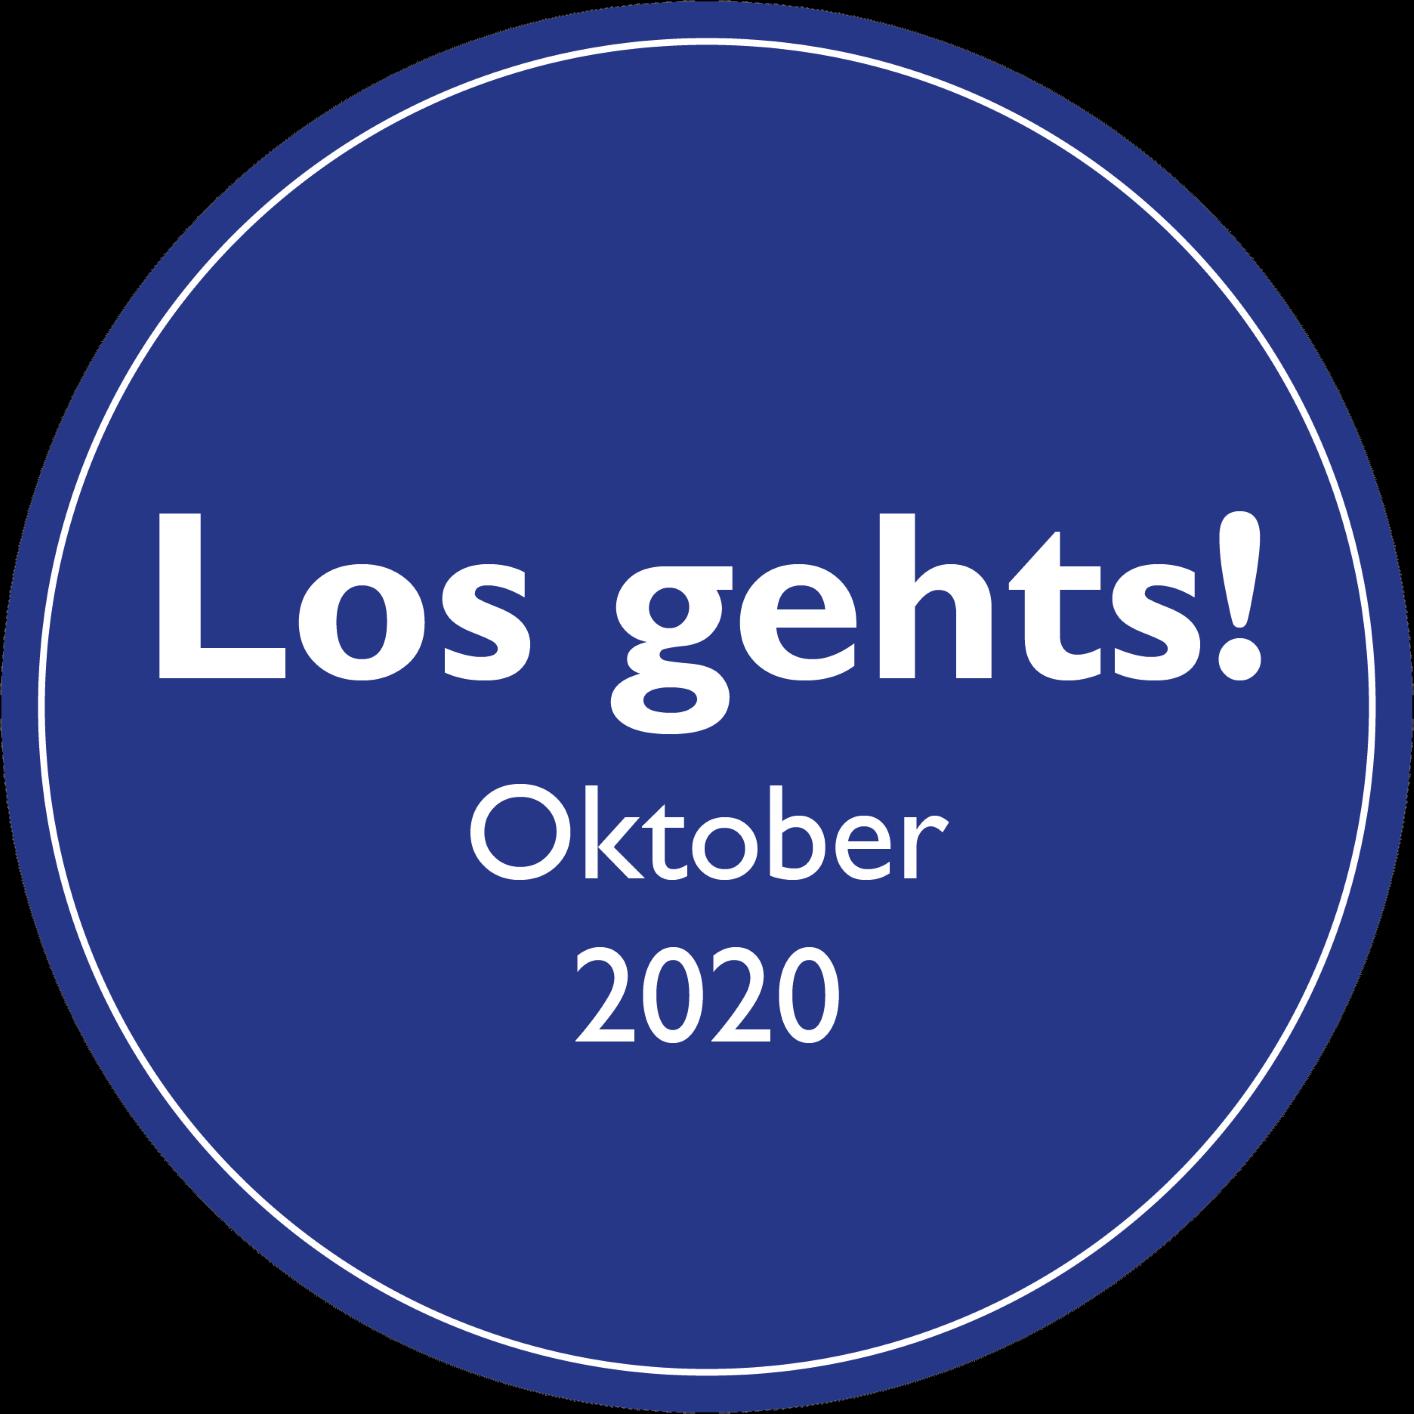 Los Gehts! September 2020